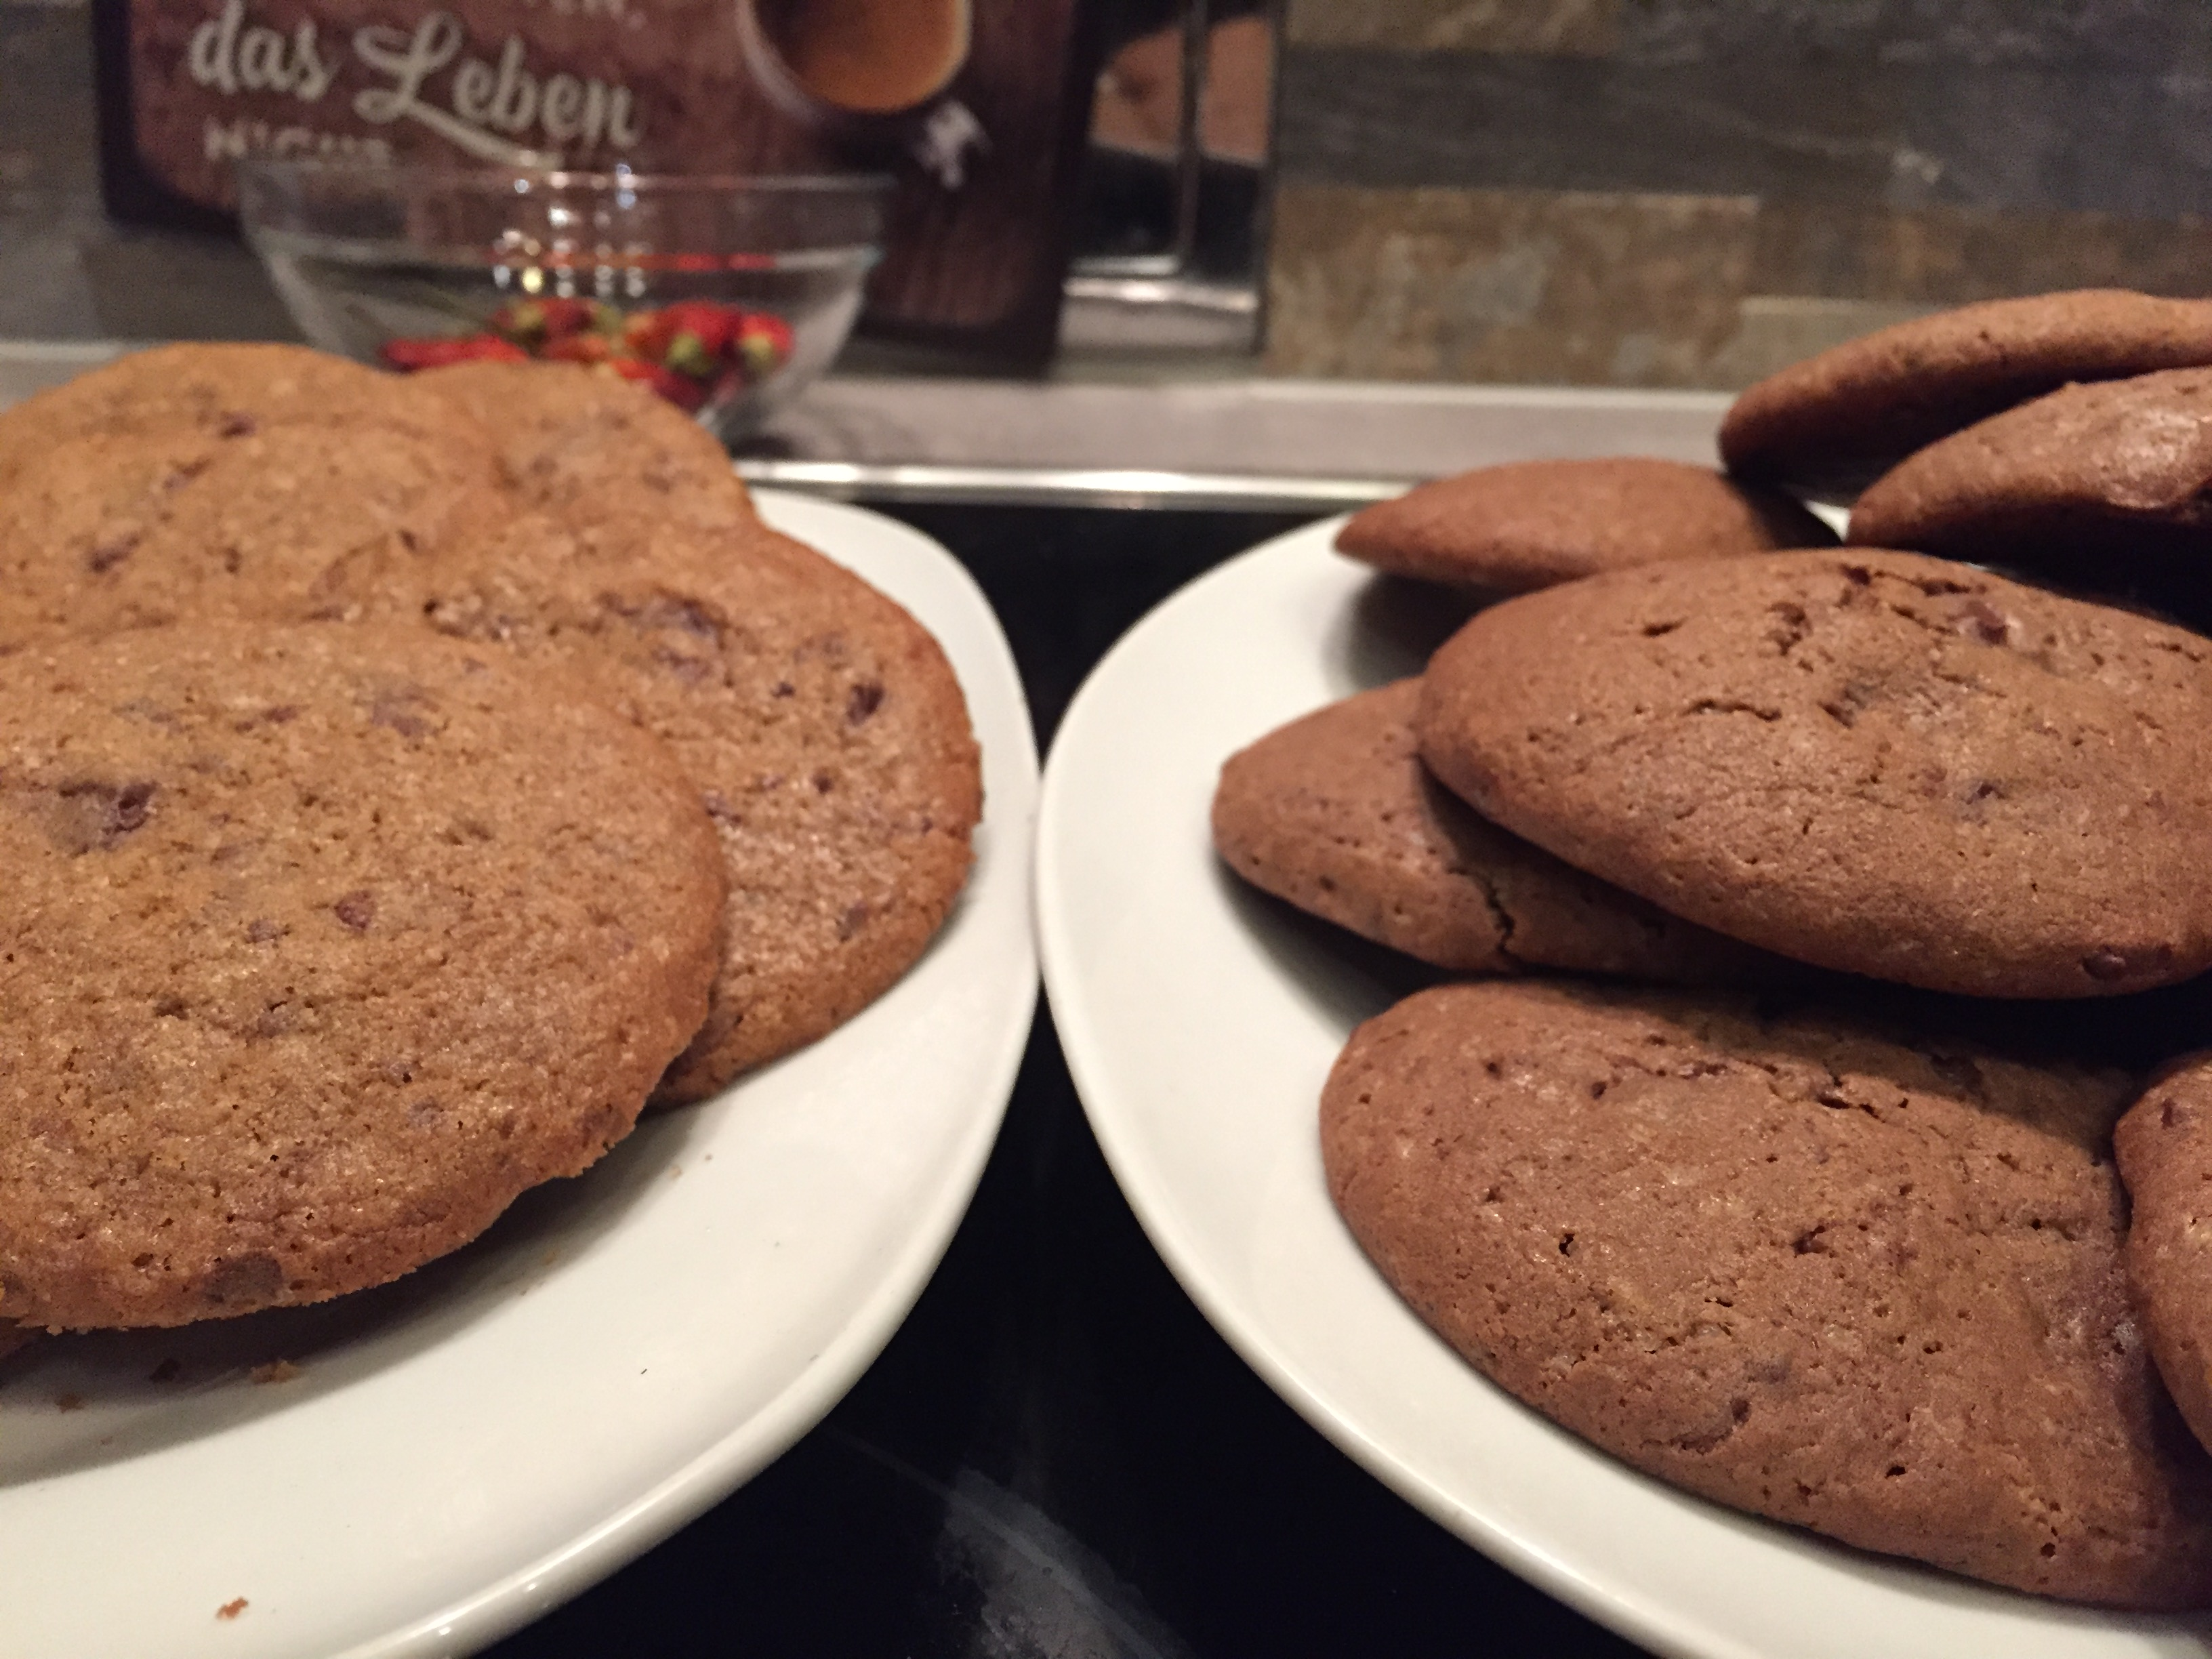 Soft-Cookies mit Schokolade auf waskochen.at auf waskochen.at